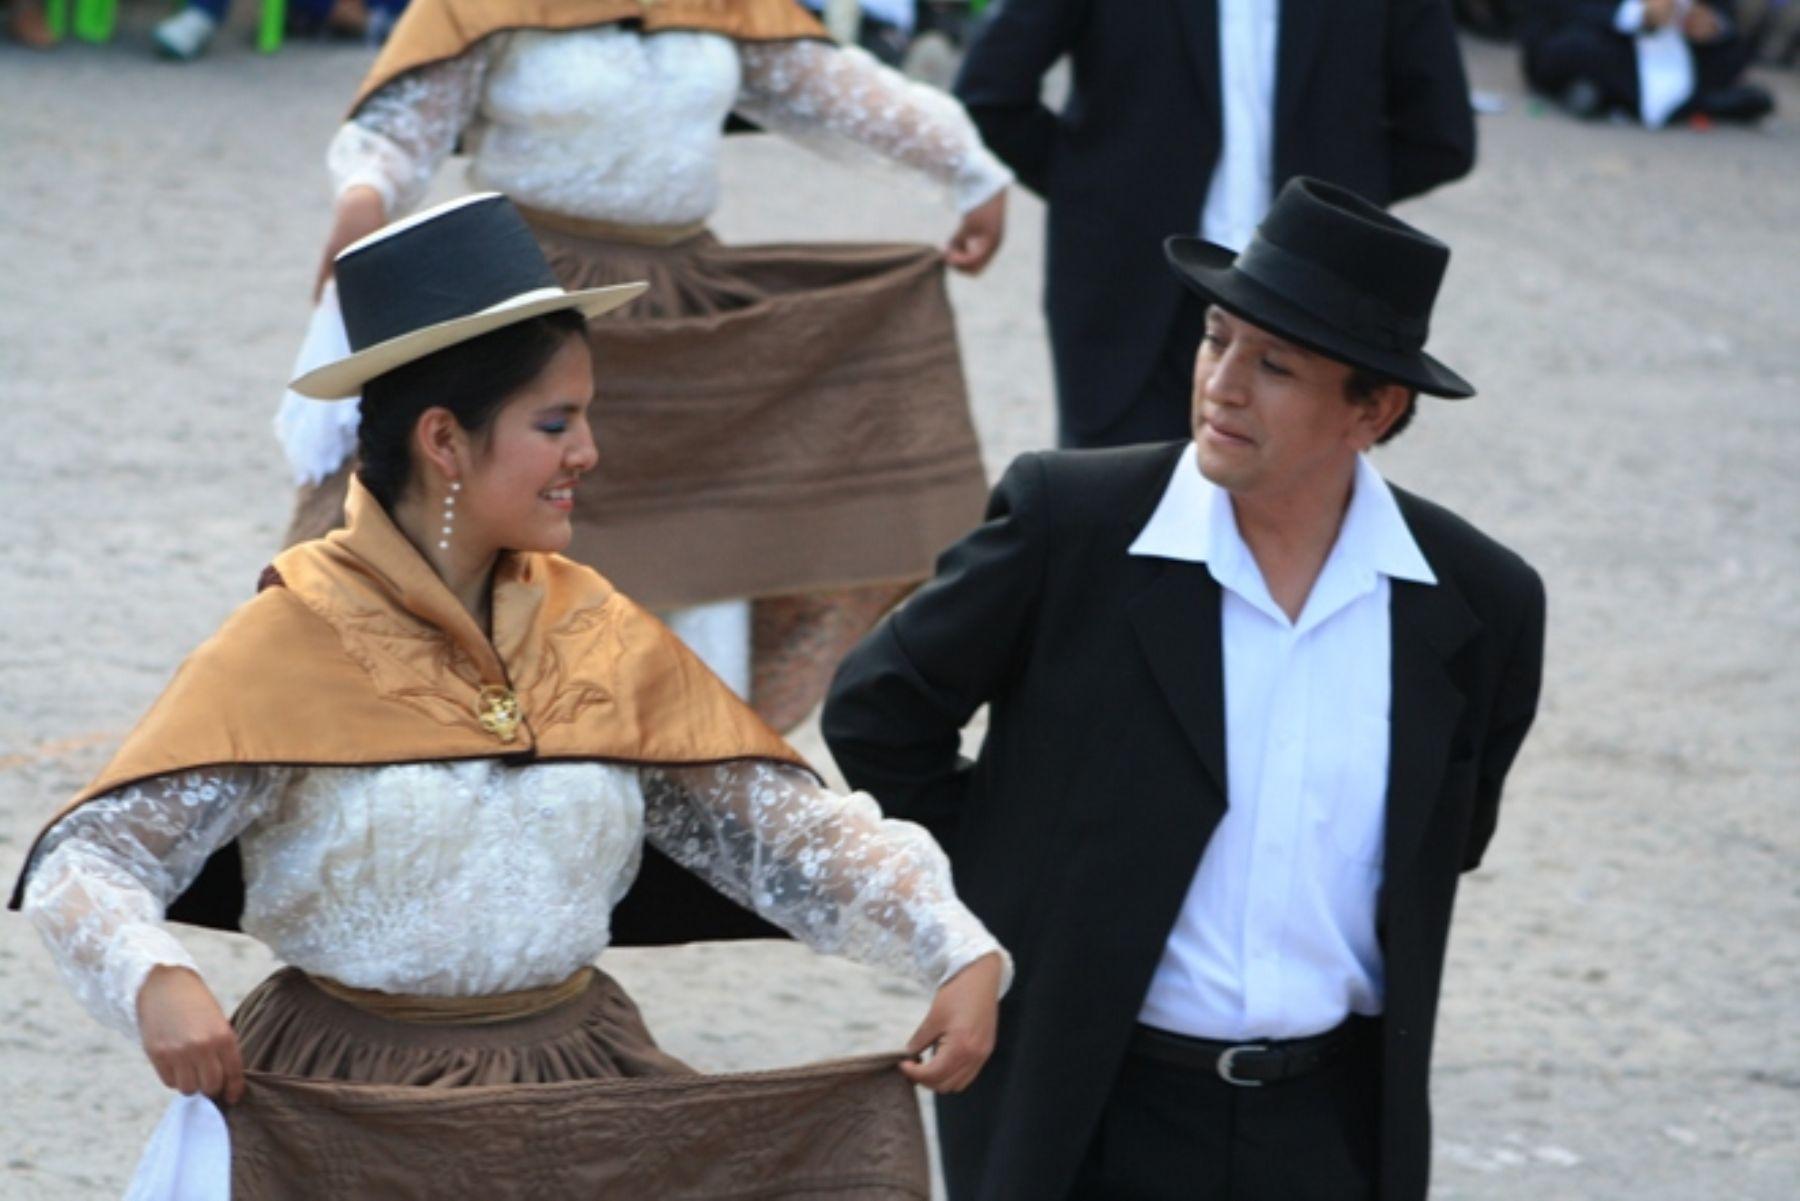 La marinera ayacuchana es uno de los bailes tradicionales de esa región.